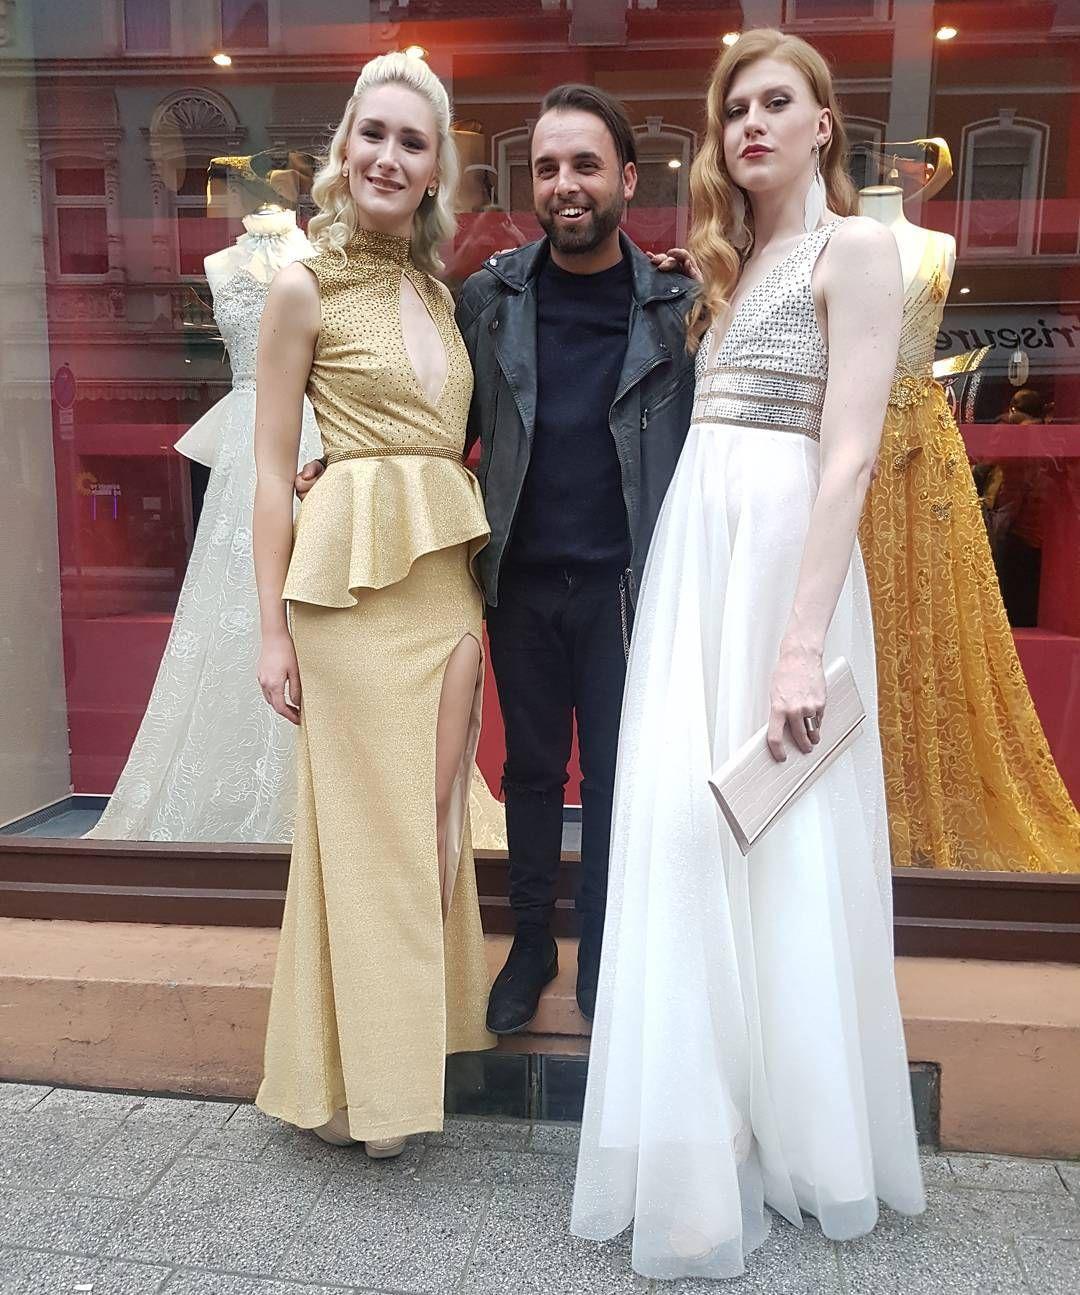 Nina: DANKE Almira & Almir für das tolle Sytling 💕 (to right is model Veit Alex)